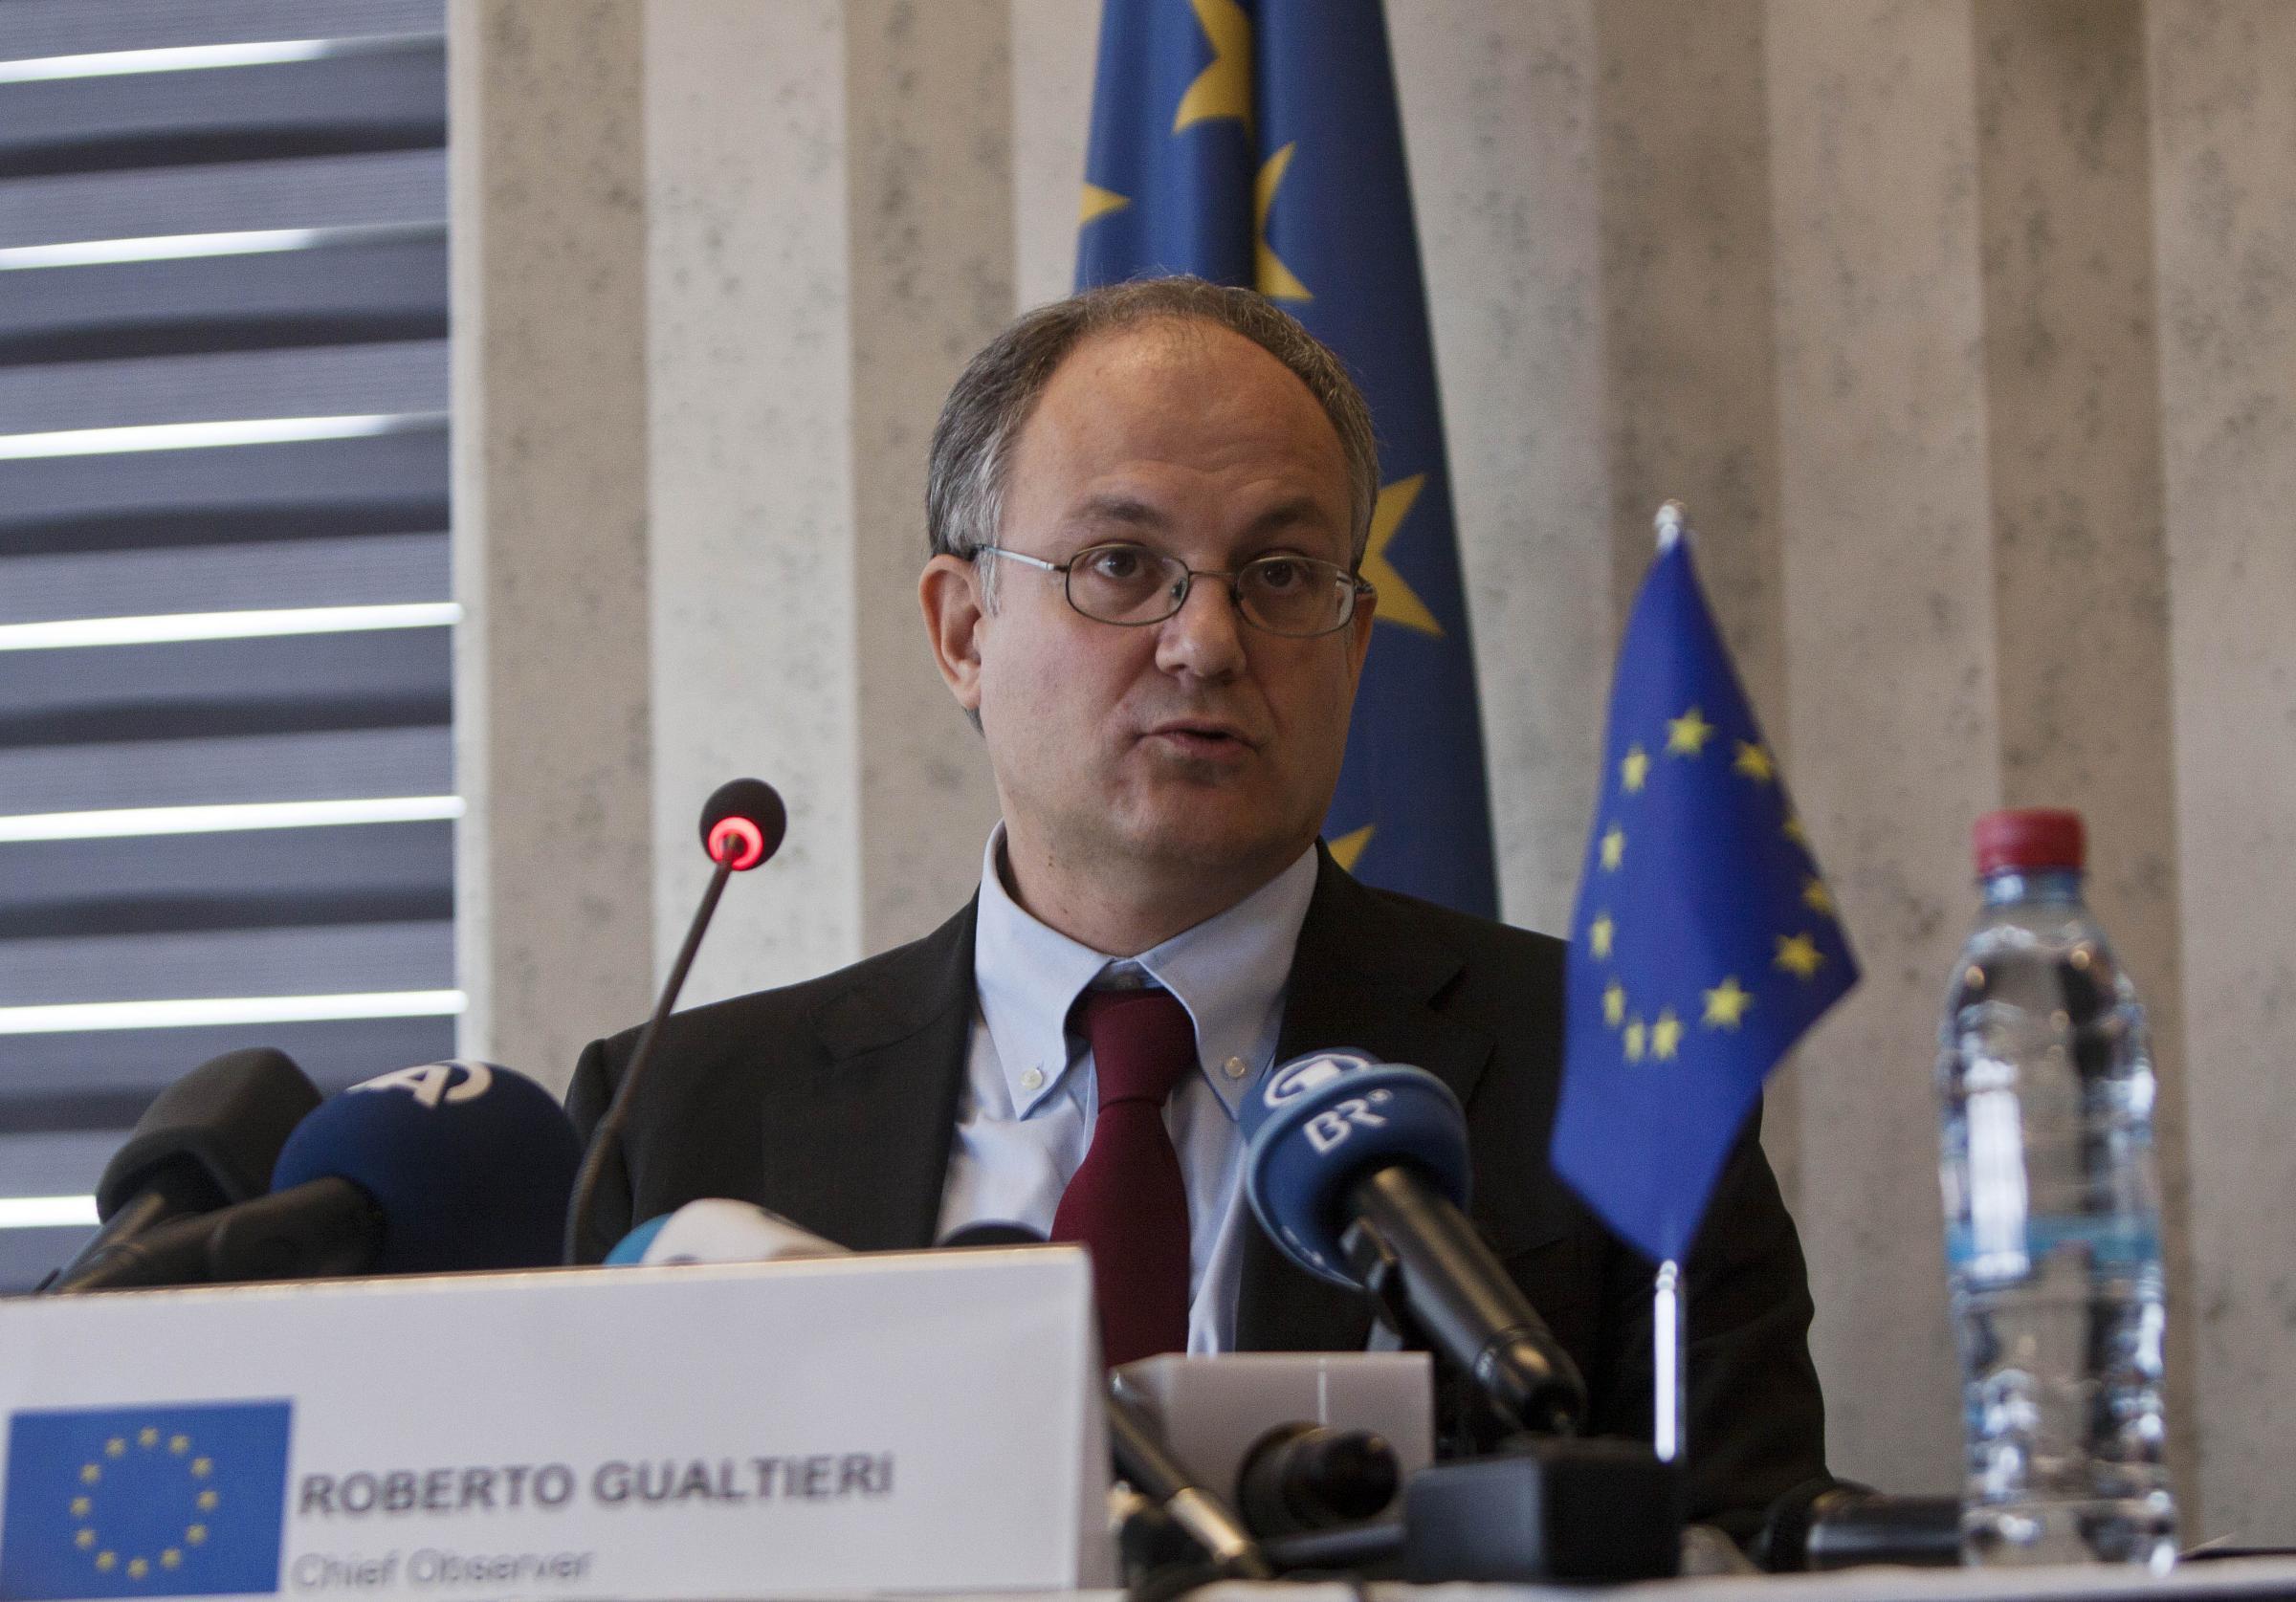 tutte le foto dei 73 italiani eletti al parlamento europeo